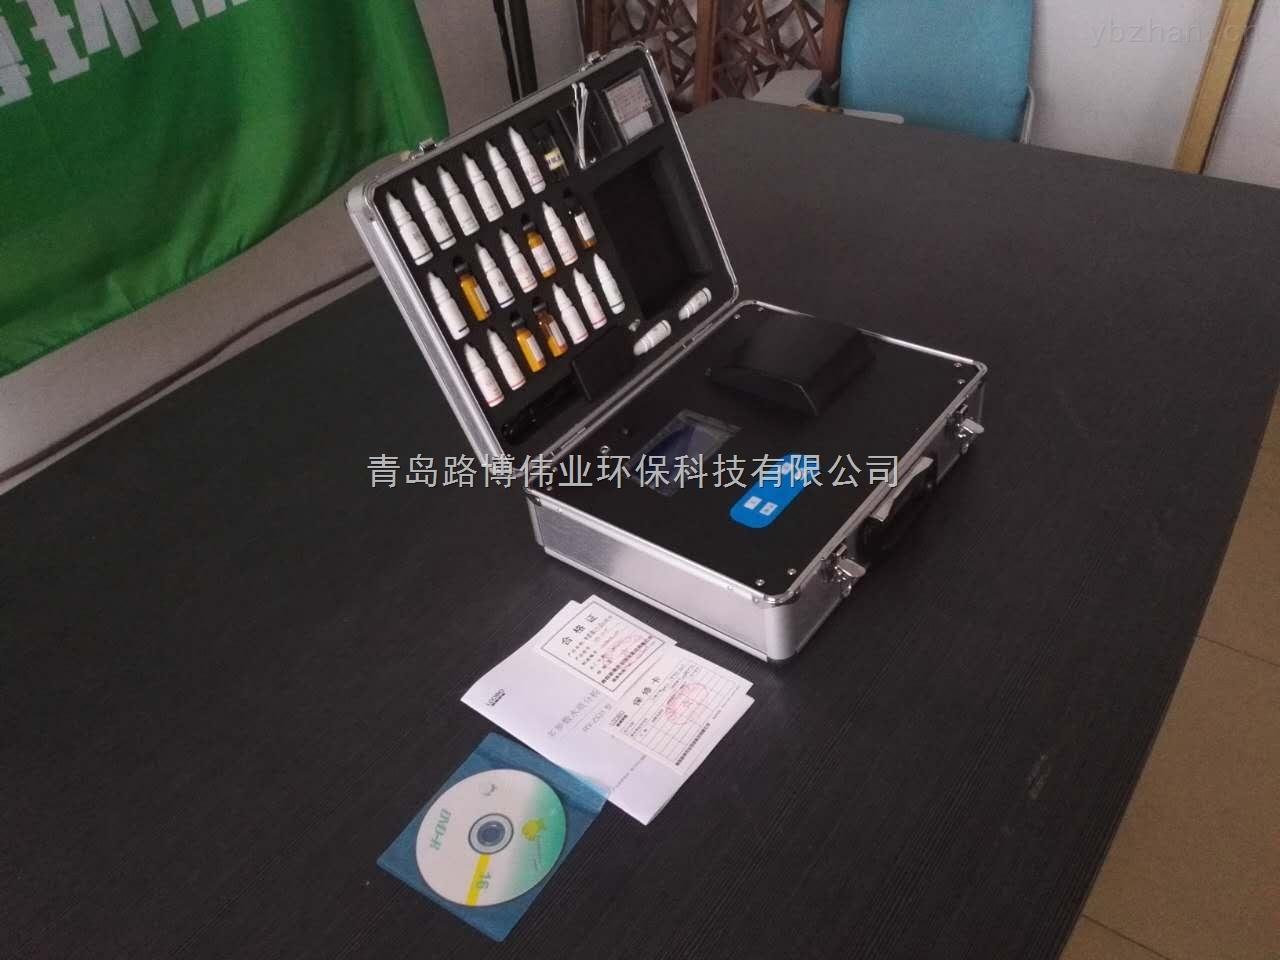 广西 河流污染 水质应急检测箱 LB-SC-1 路博 多参数水质分析仪